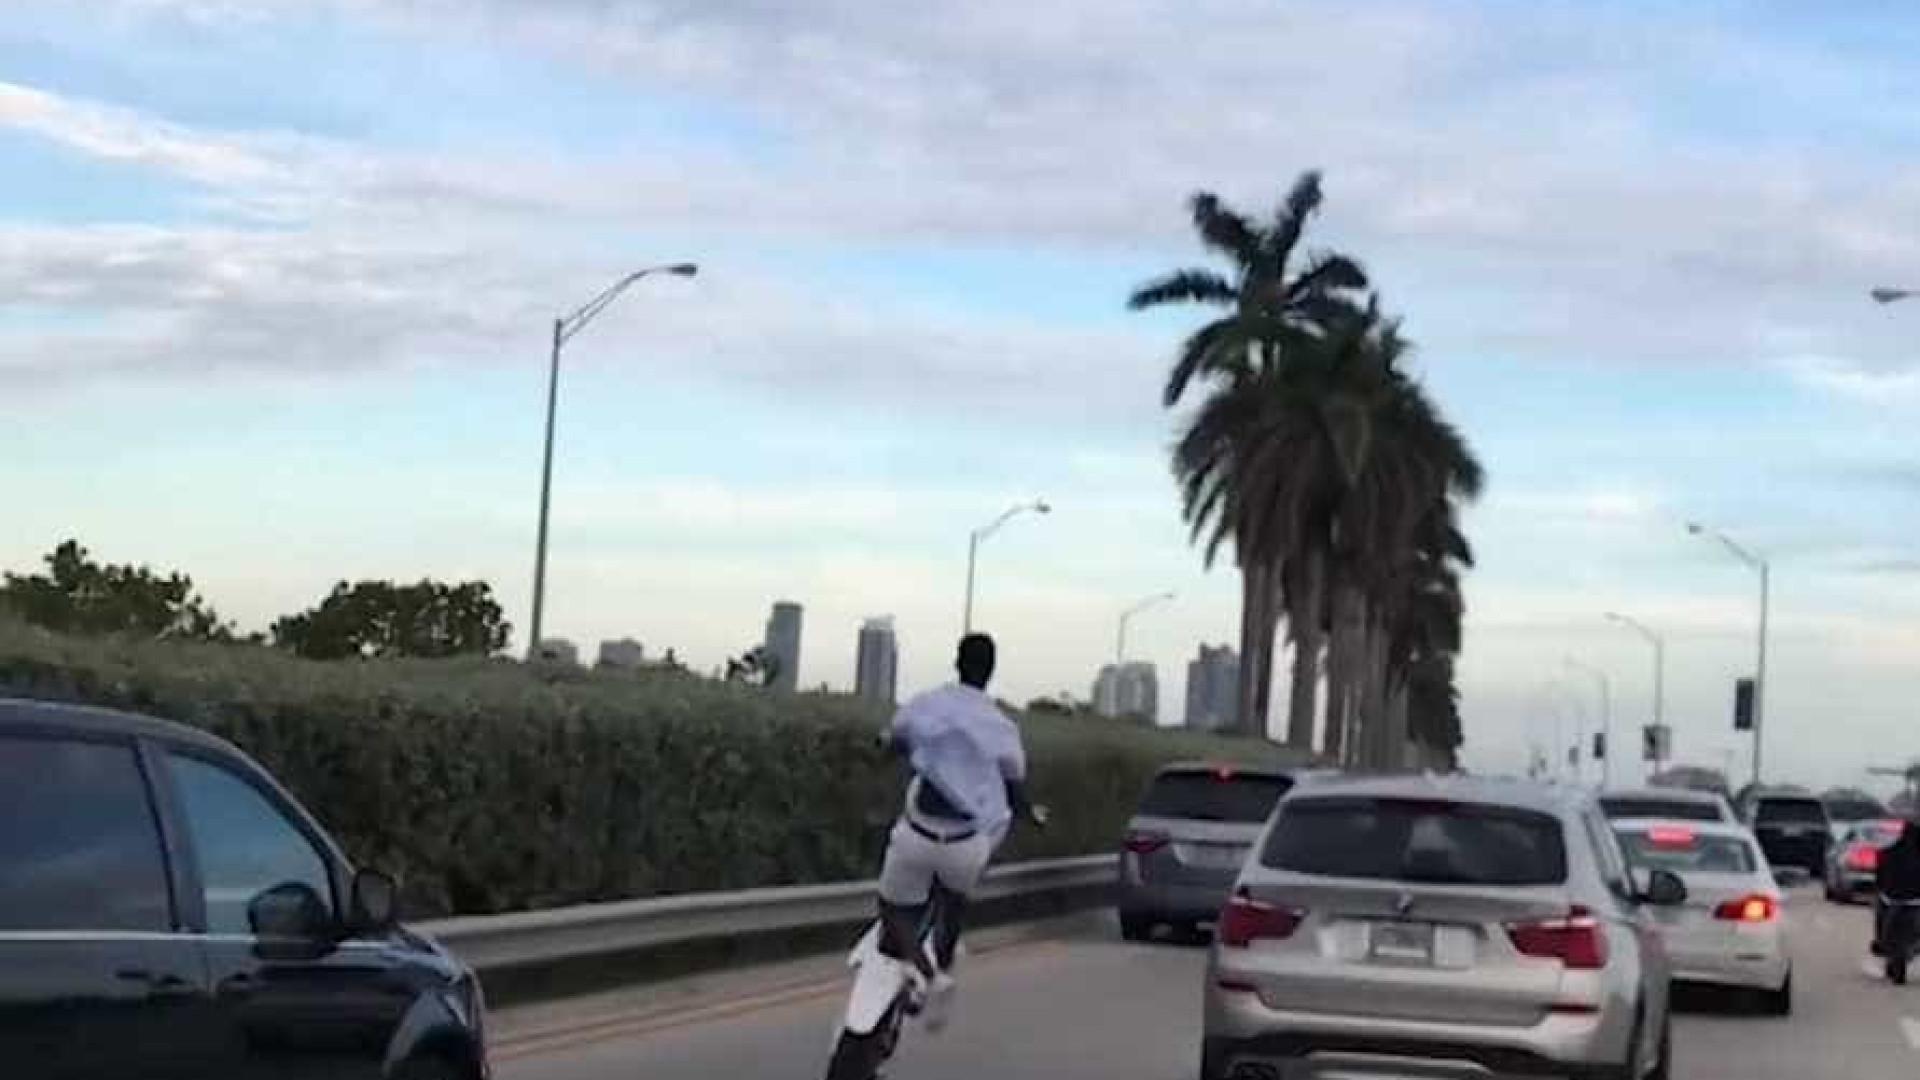 Homem empina a moto para fugir do trânsito em Miami